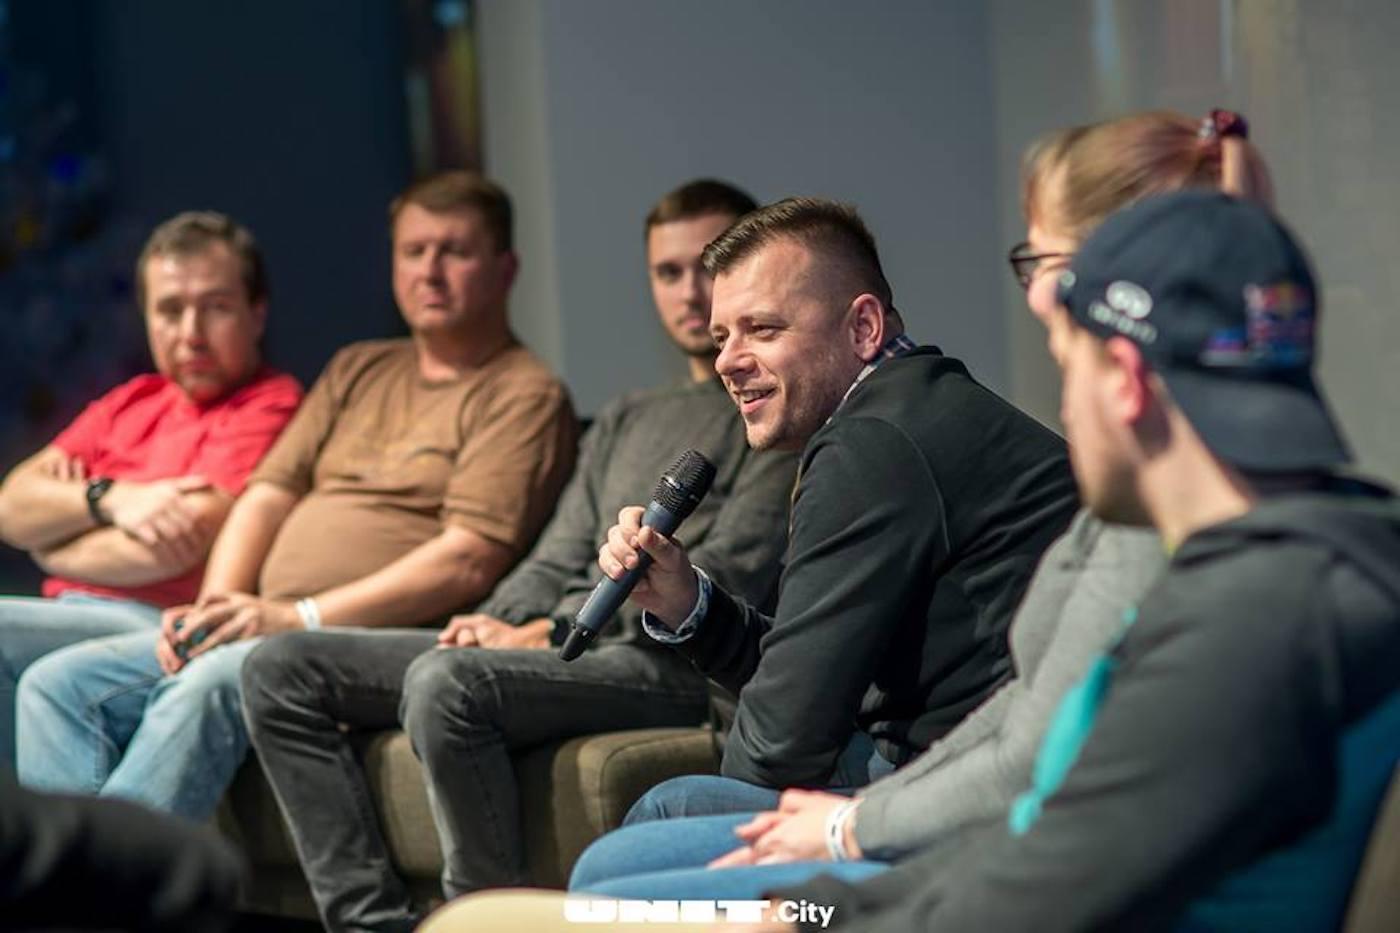 Як ефективно запустити продукт на Kickstarter — досвід українських стартапів